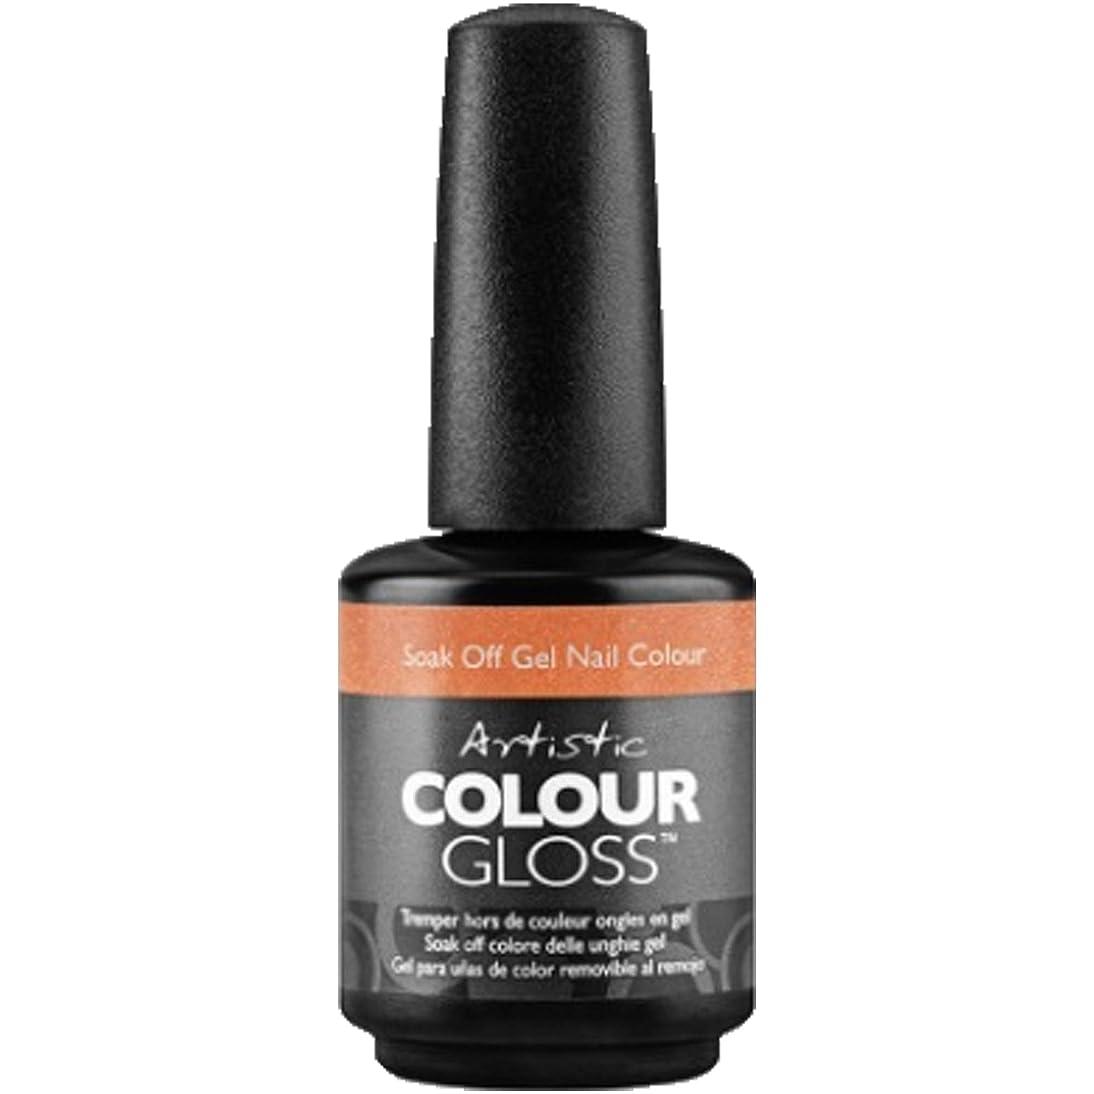 背が高いランチョン服Artistic Colour Gloss - You're Not Glistening to Me! - 0.5oz / 15ml